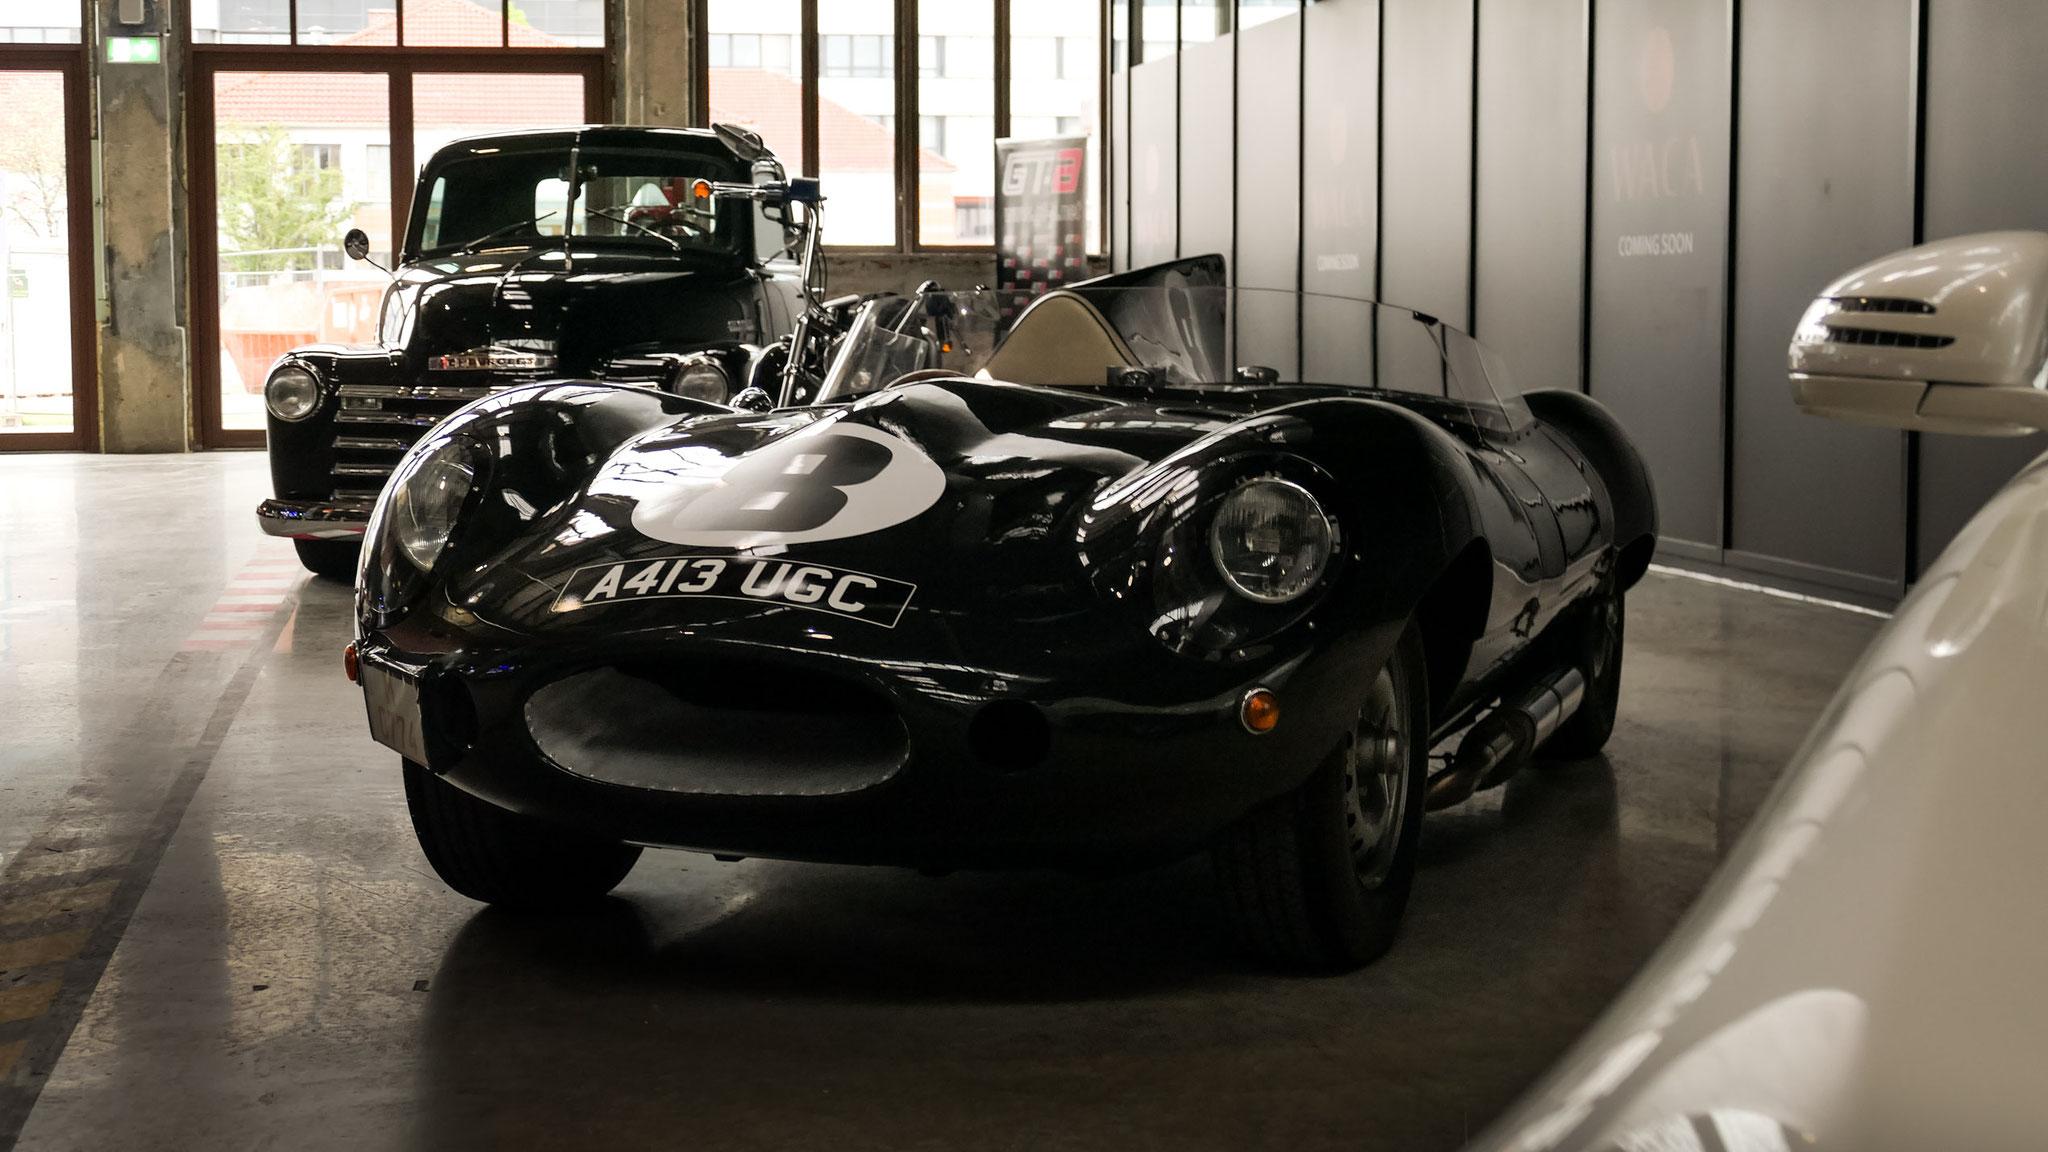 1965 Jaguar D-Type Replica - M-0774 (A413-UGC)